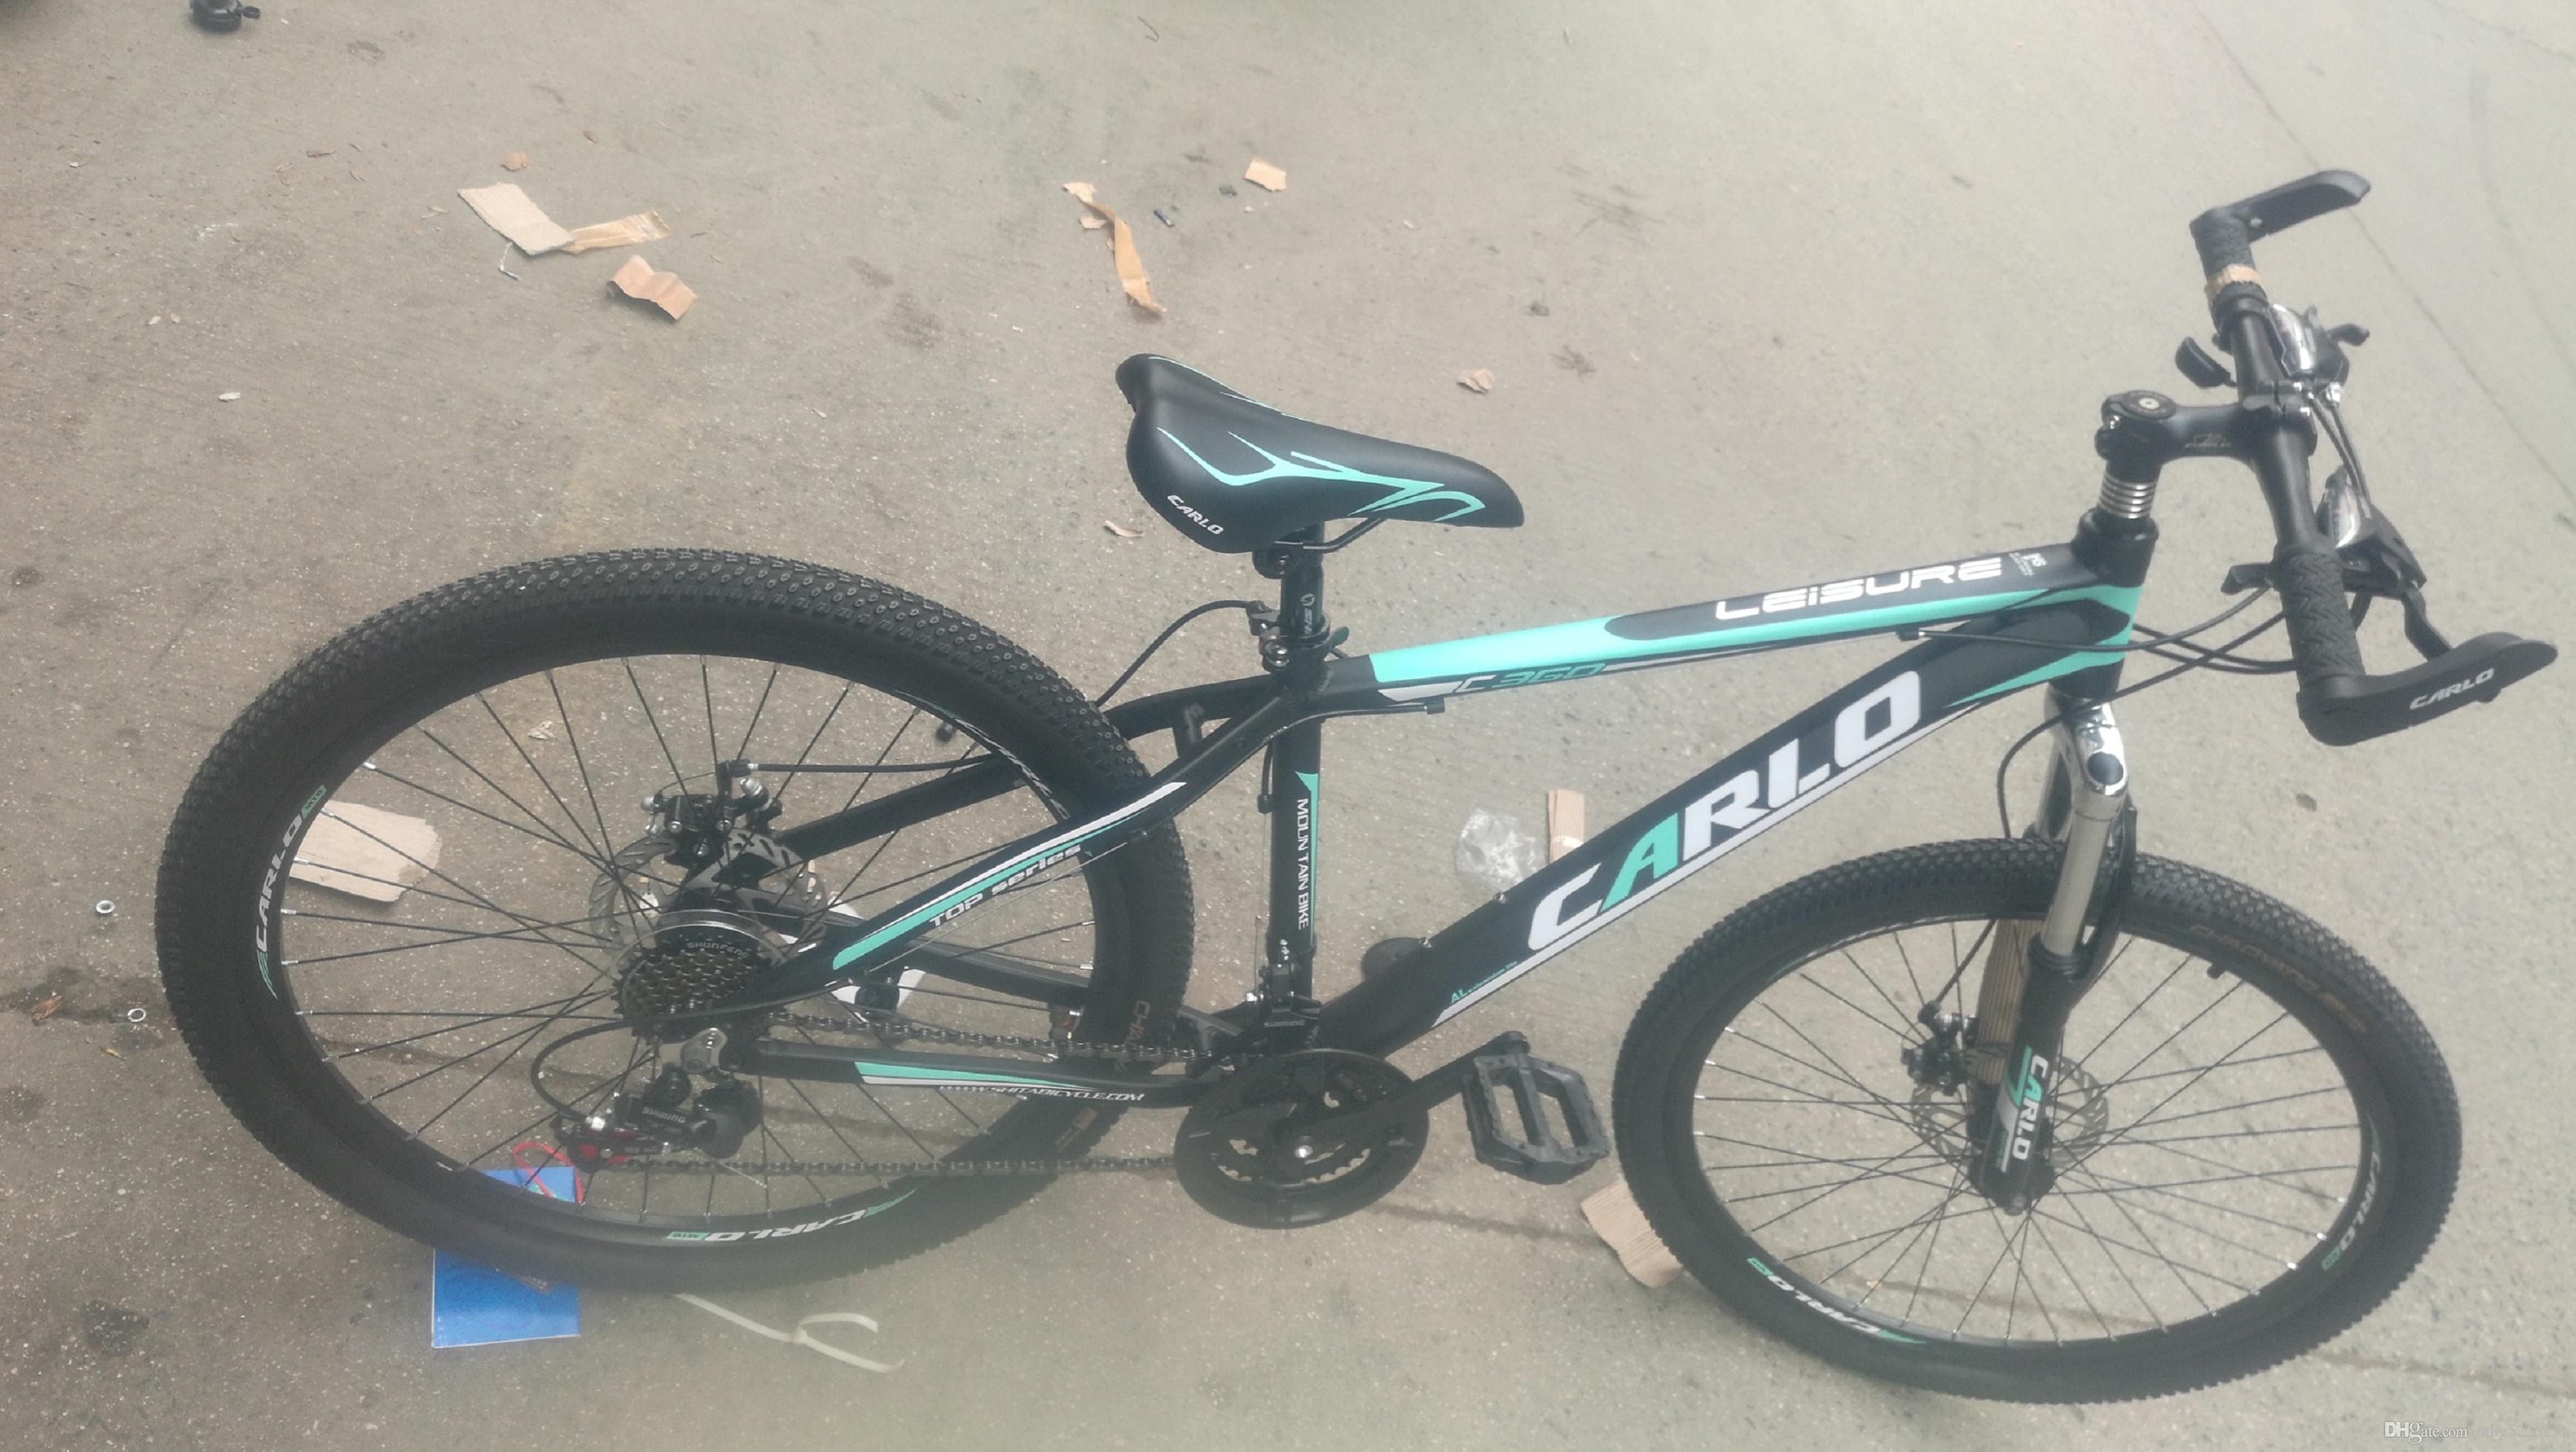 Alüminyum alaşım dağ bisikleti modeli 26 inç 21 hız Açık spor uçucu alüminyum dağ bisikleti